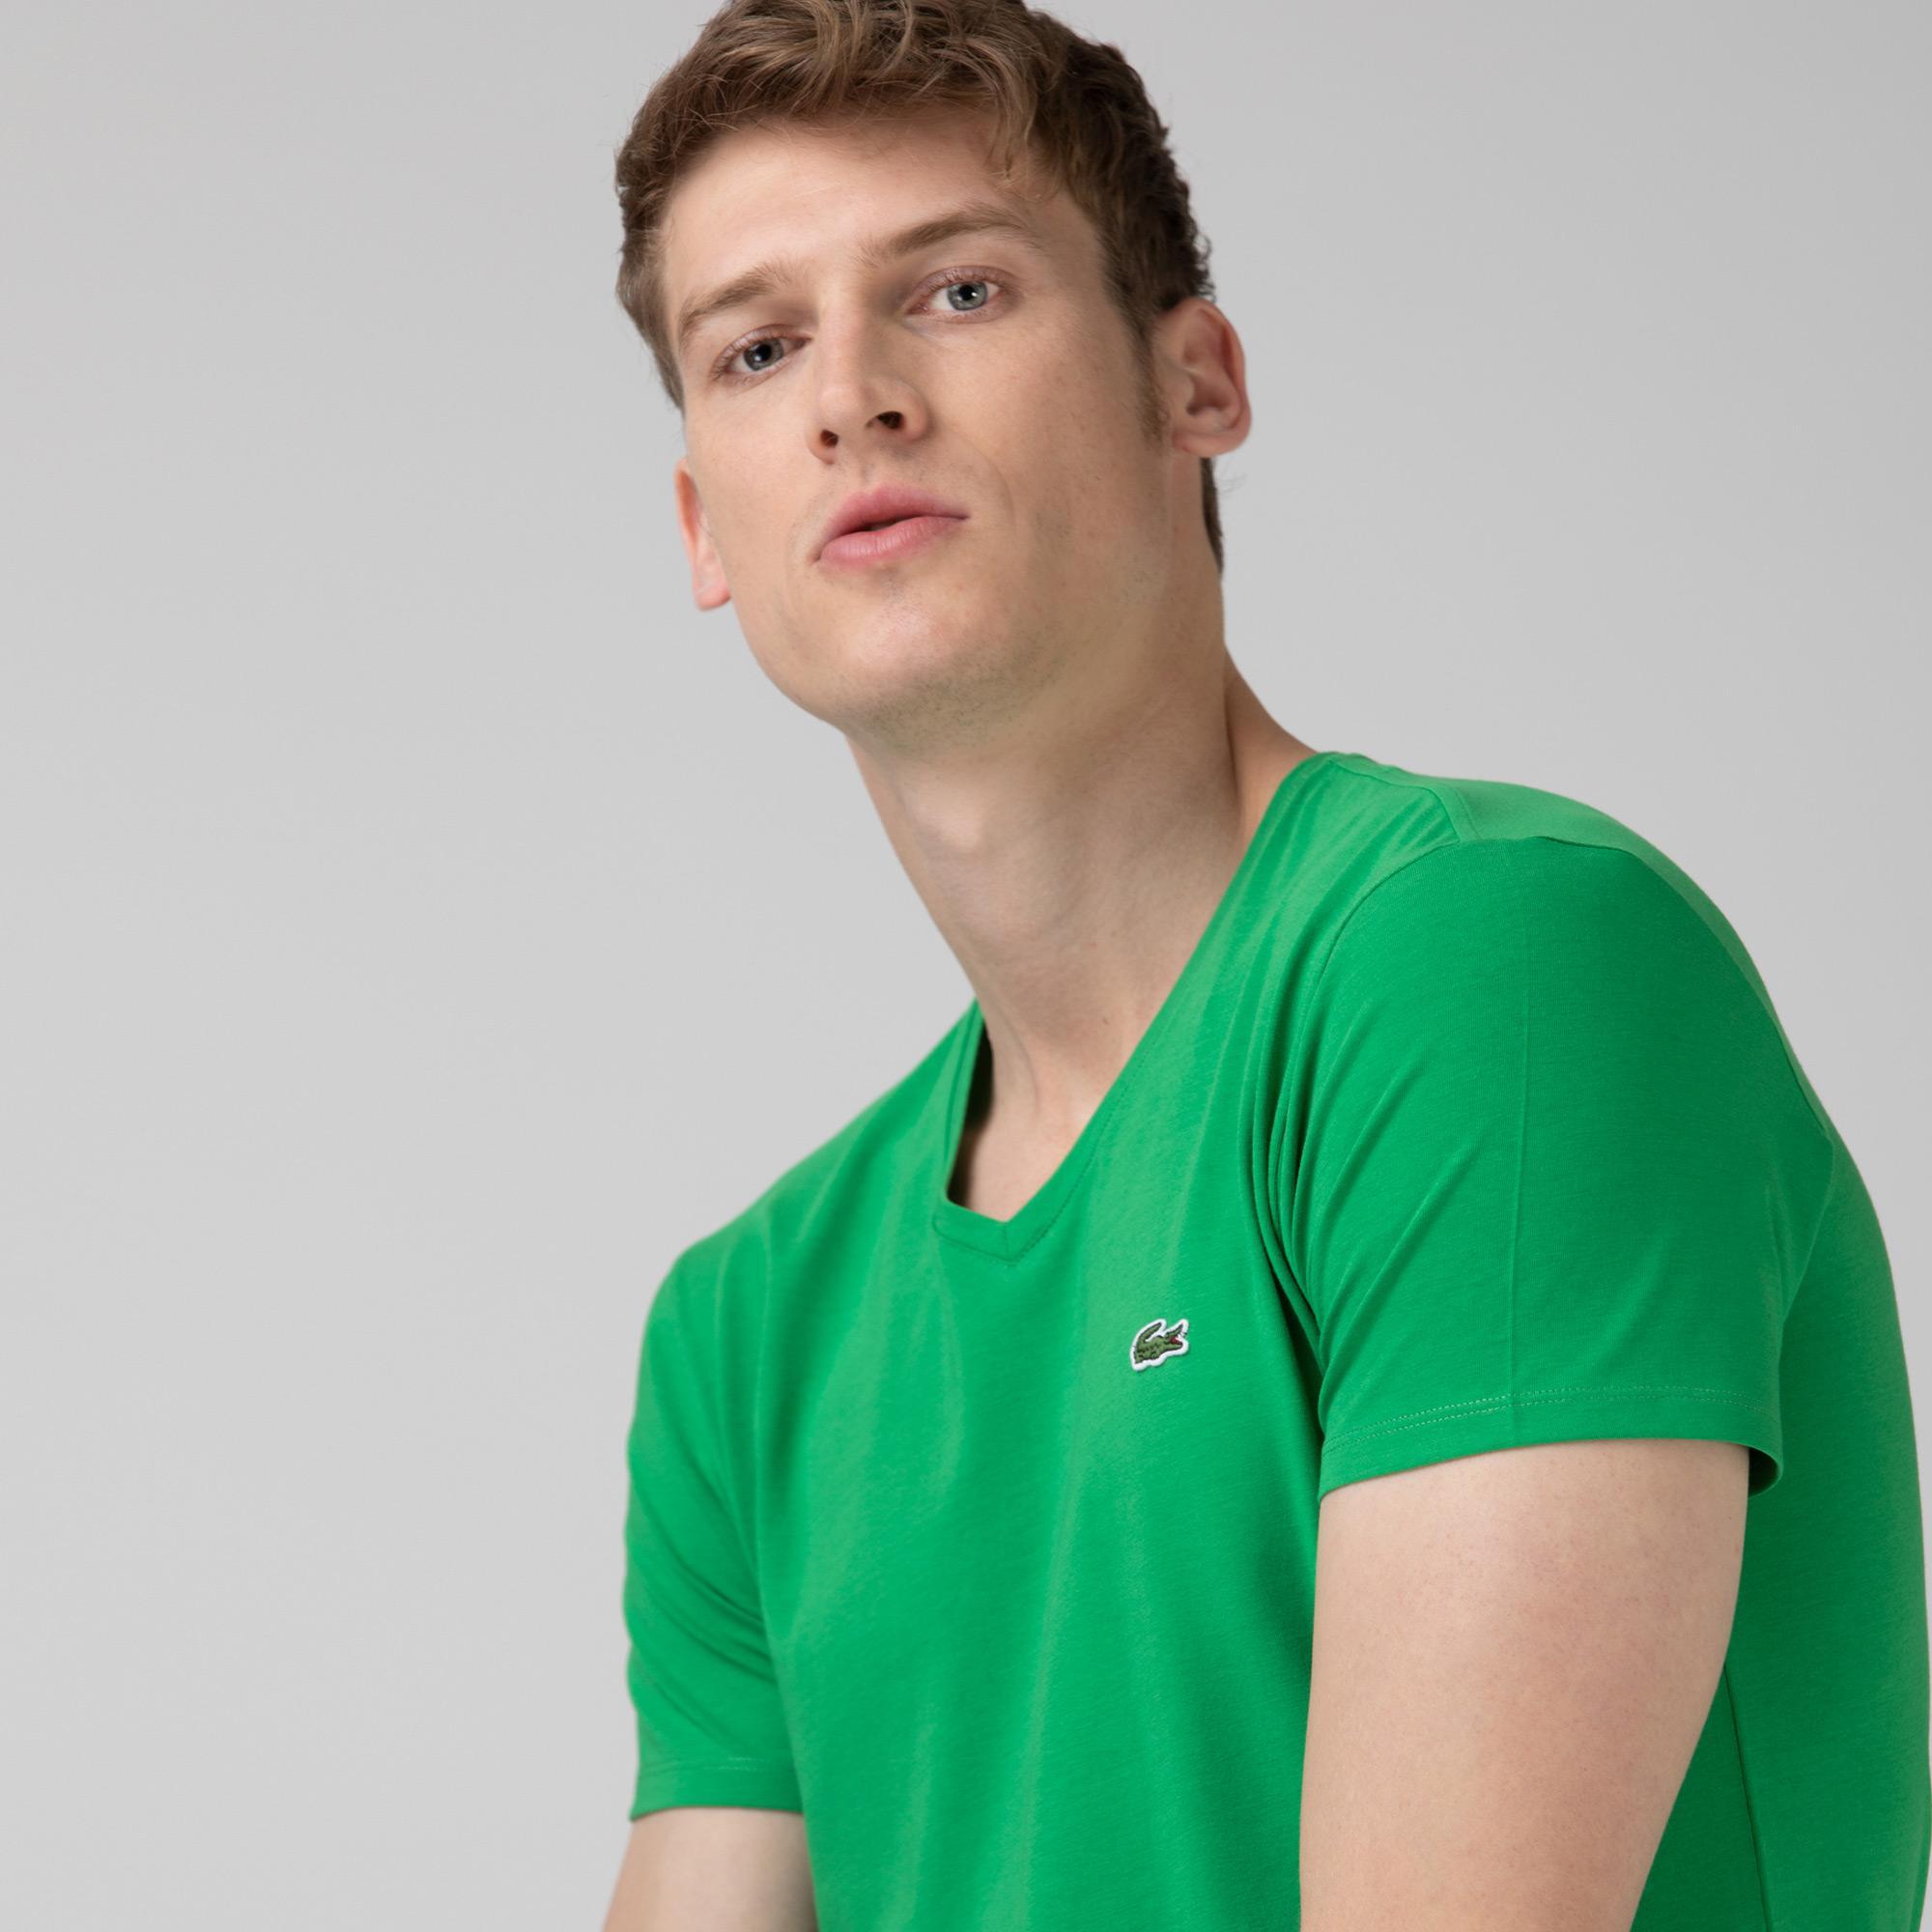 Lacoste Erkek Slim Fit V Yaka Yeşil T-Shirt